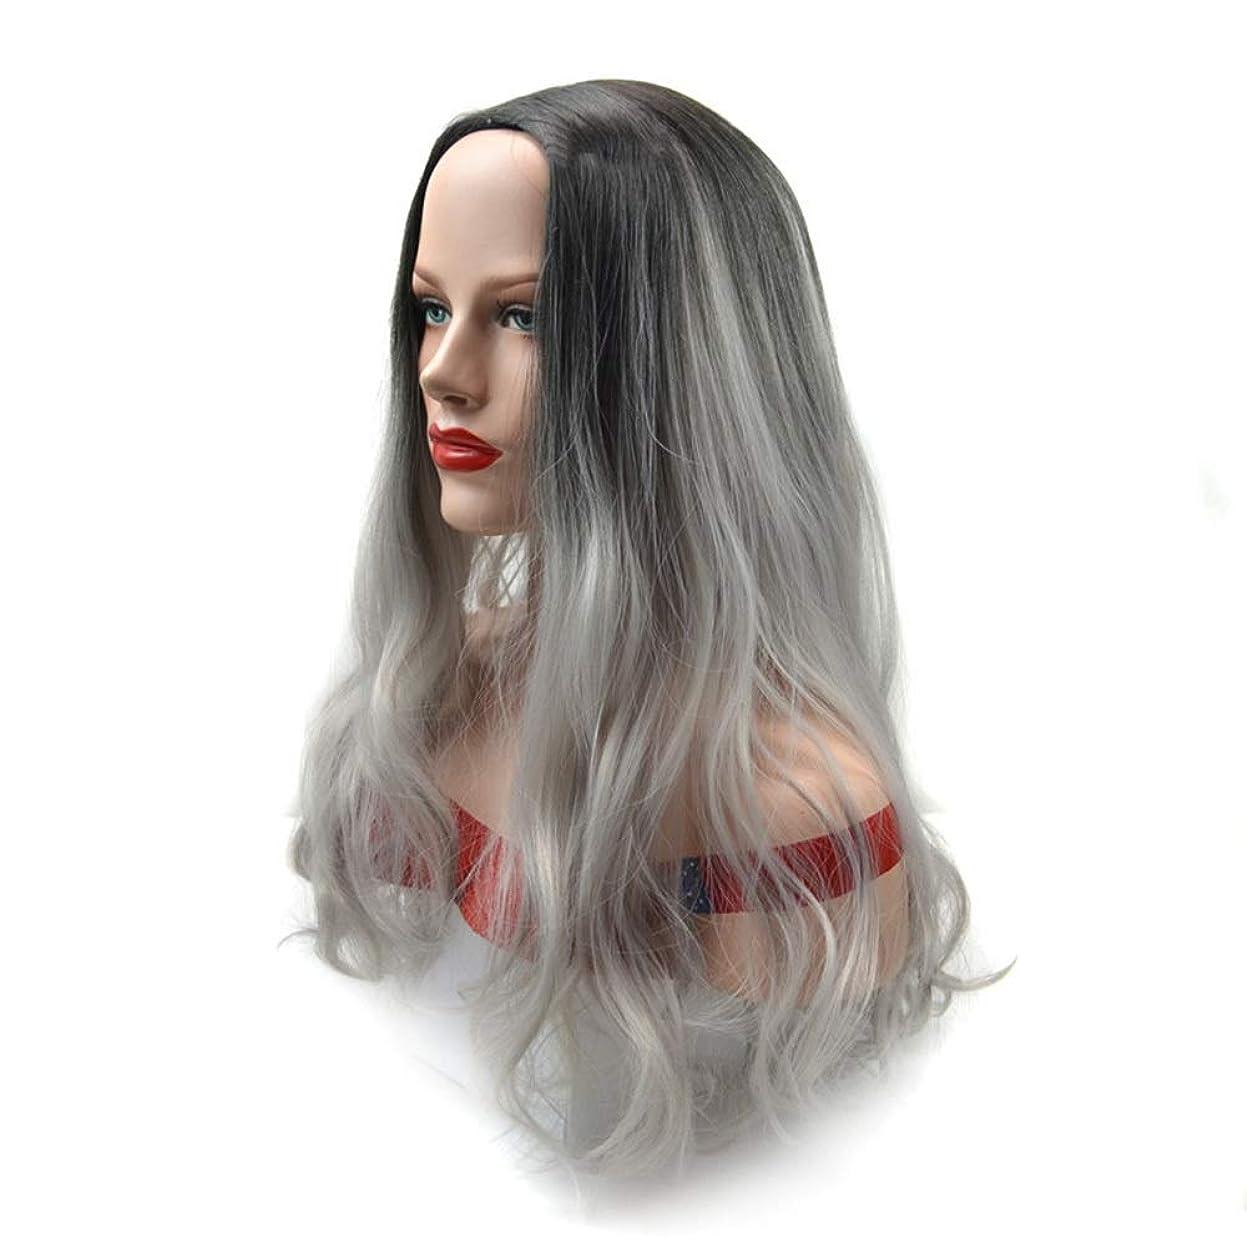 再撮りなくなる悪化させるBOBIDYEE 自然なおばあちゃんの灰のかつら黒の女性のパーティーのかつらのための長い巻き毛の合成かつら (色 : Grandma ash, サイズ : 60cm)